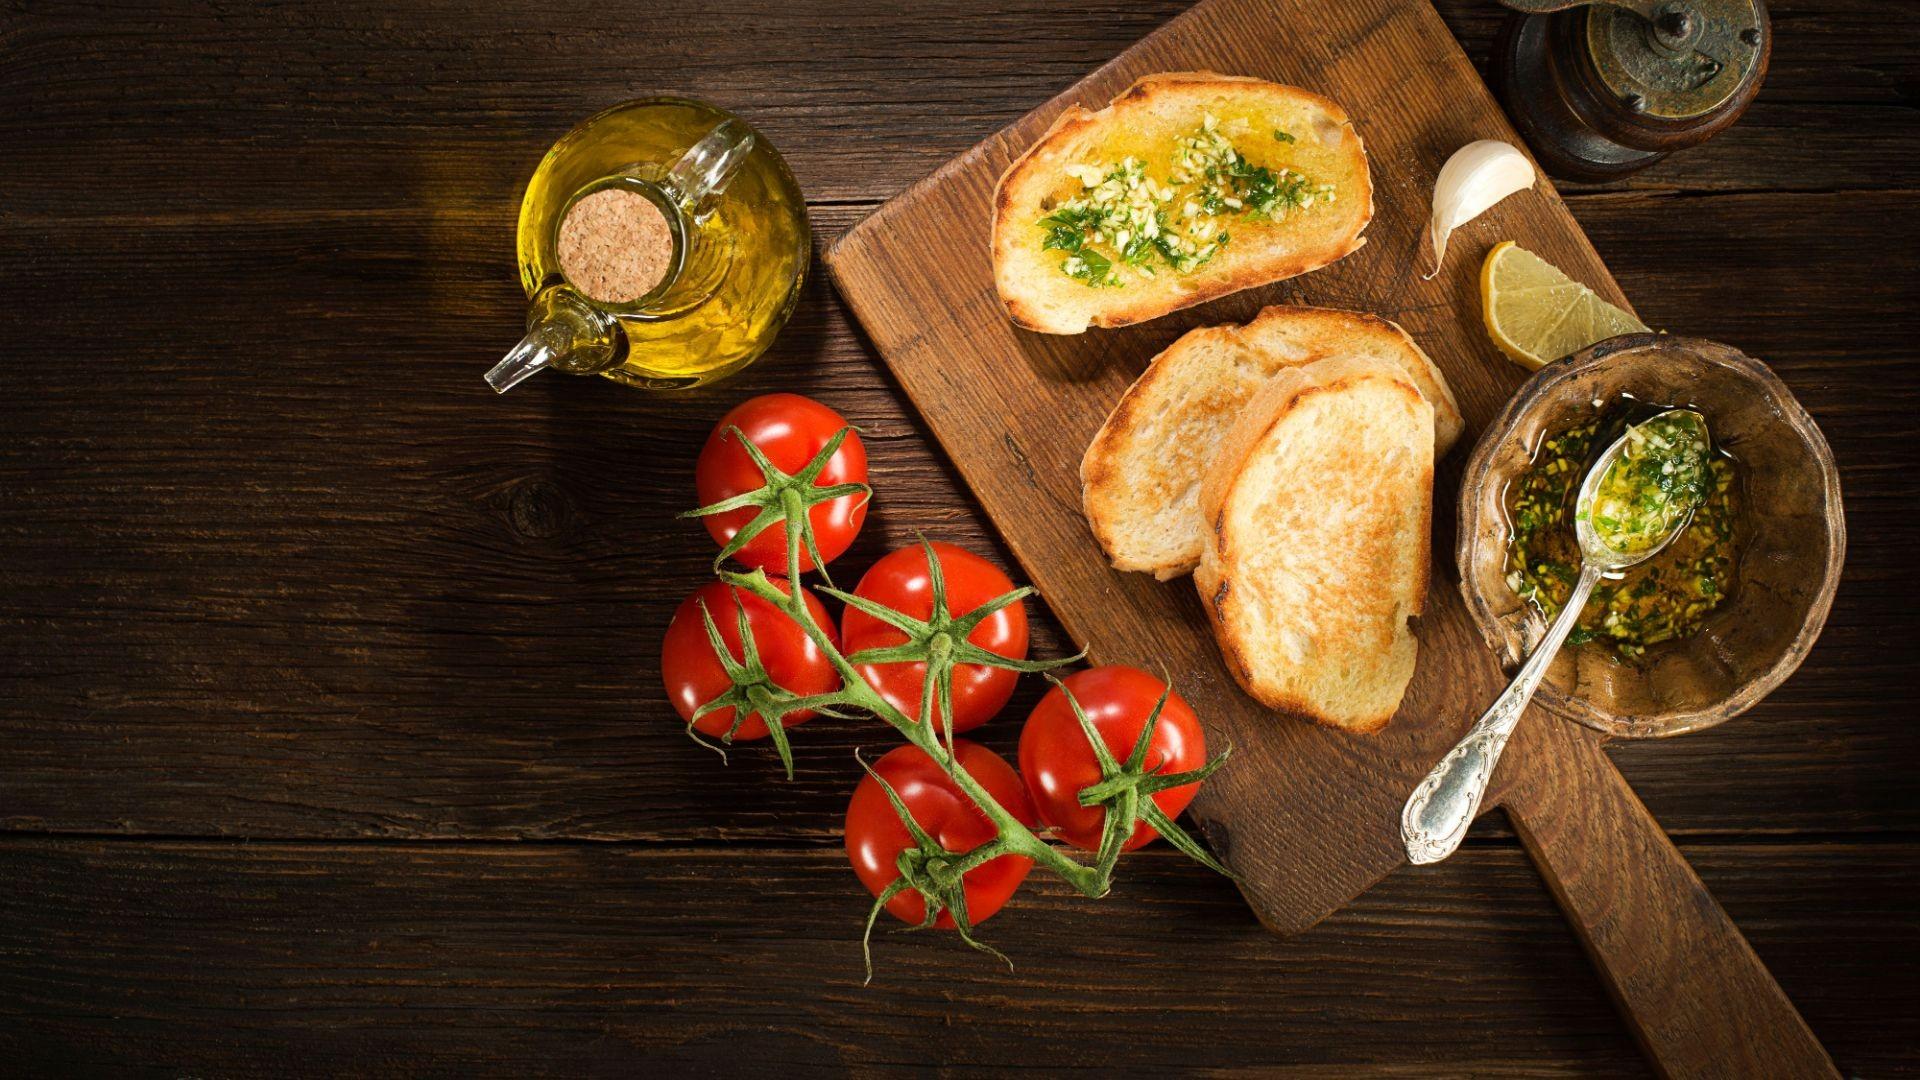 Auténtica comida italiana en Palma de Mallorca